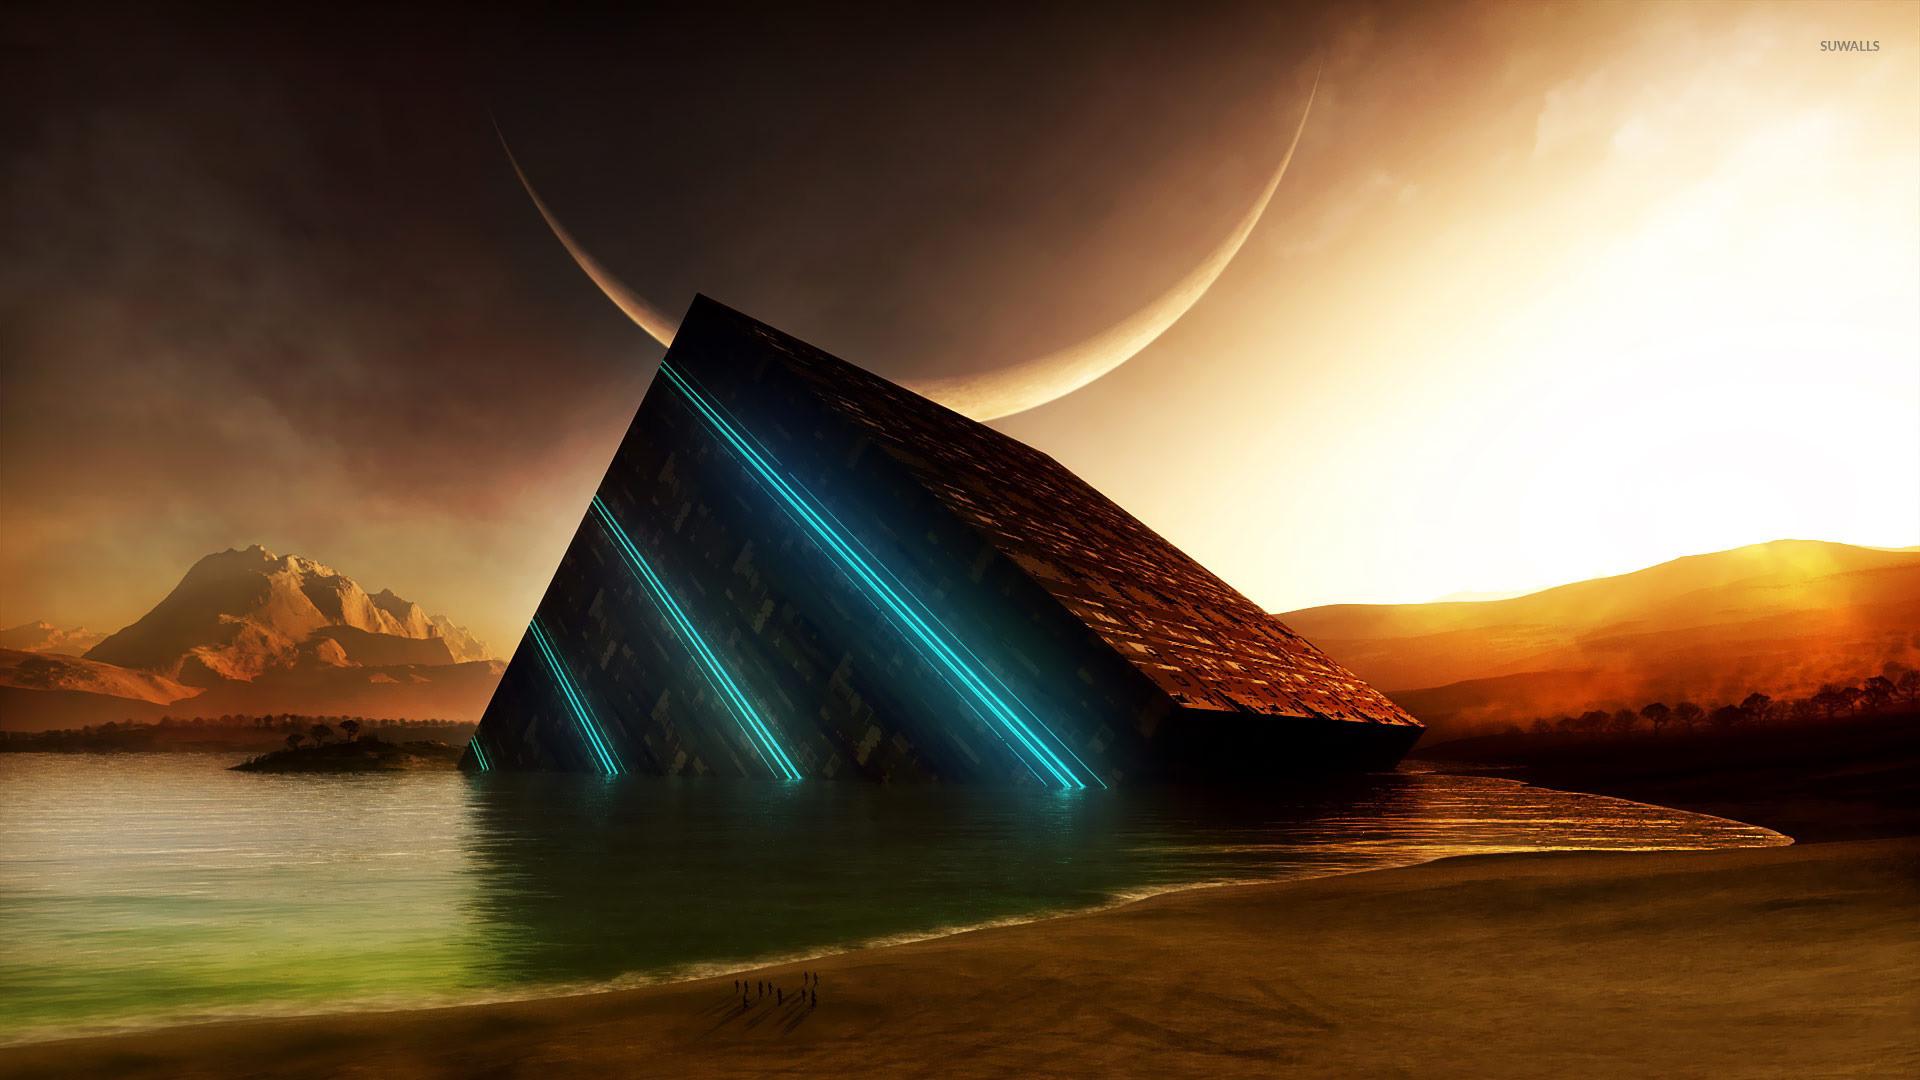 Res: 1920x1080, Glowing cube in the ocean wallpaper jpg